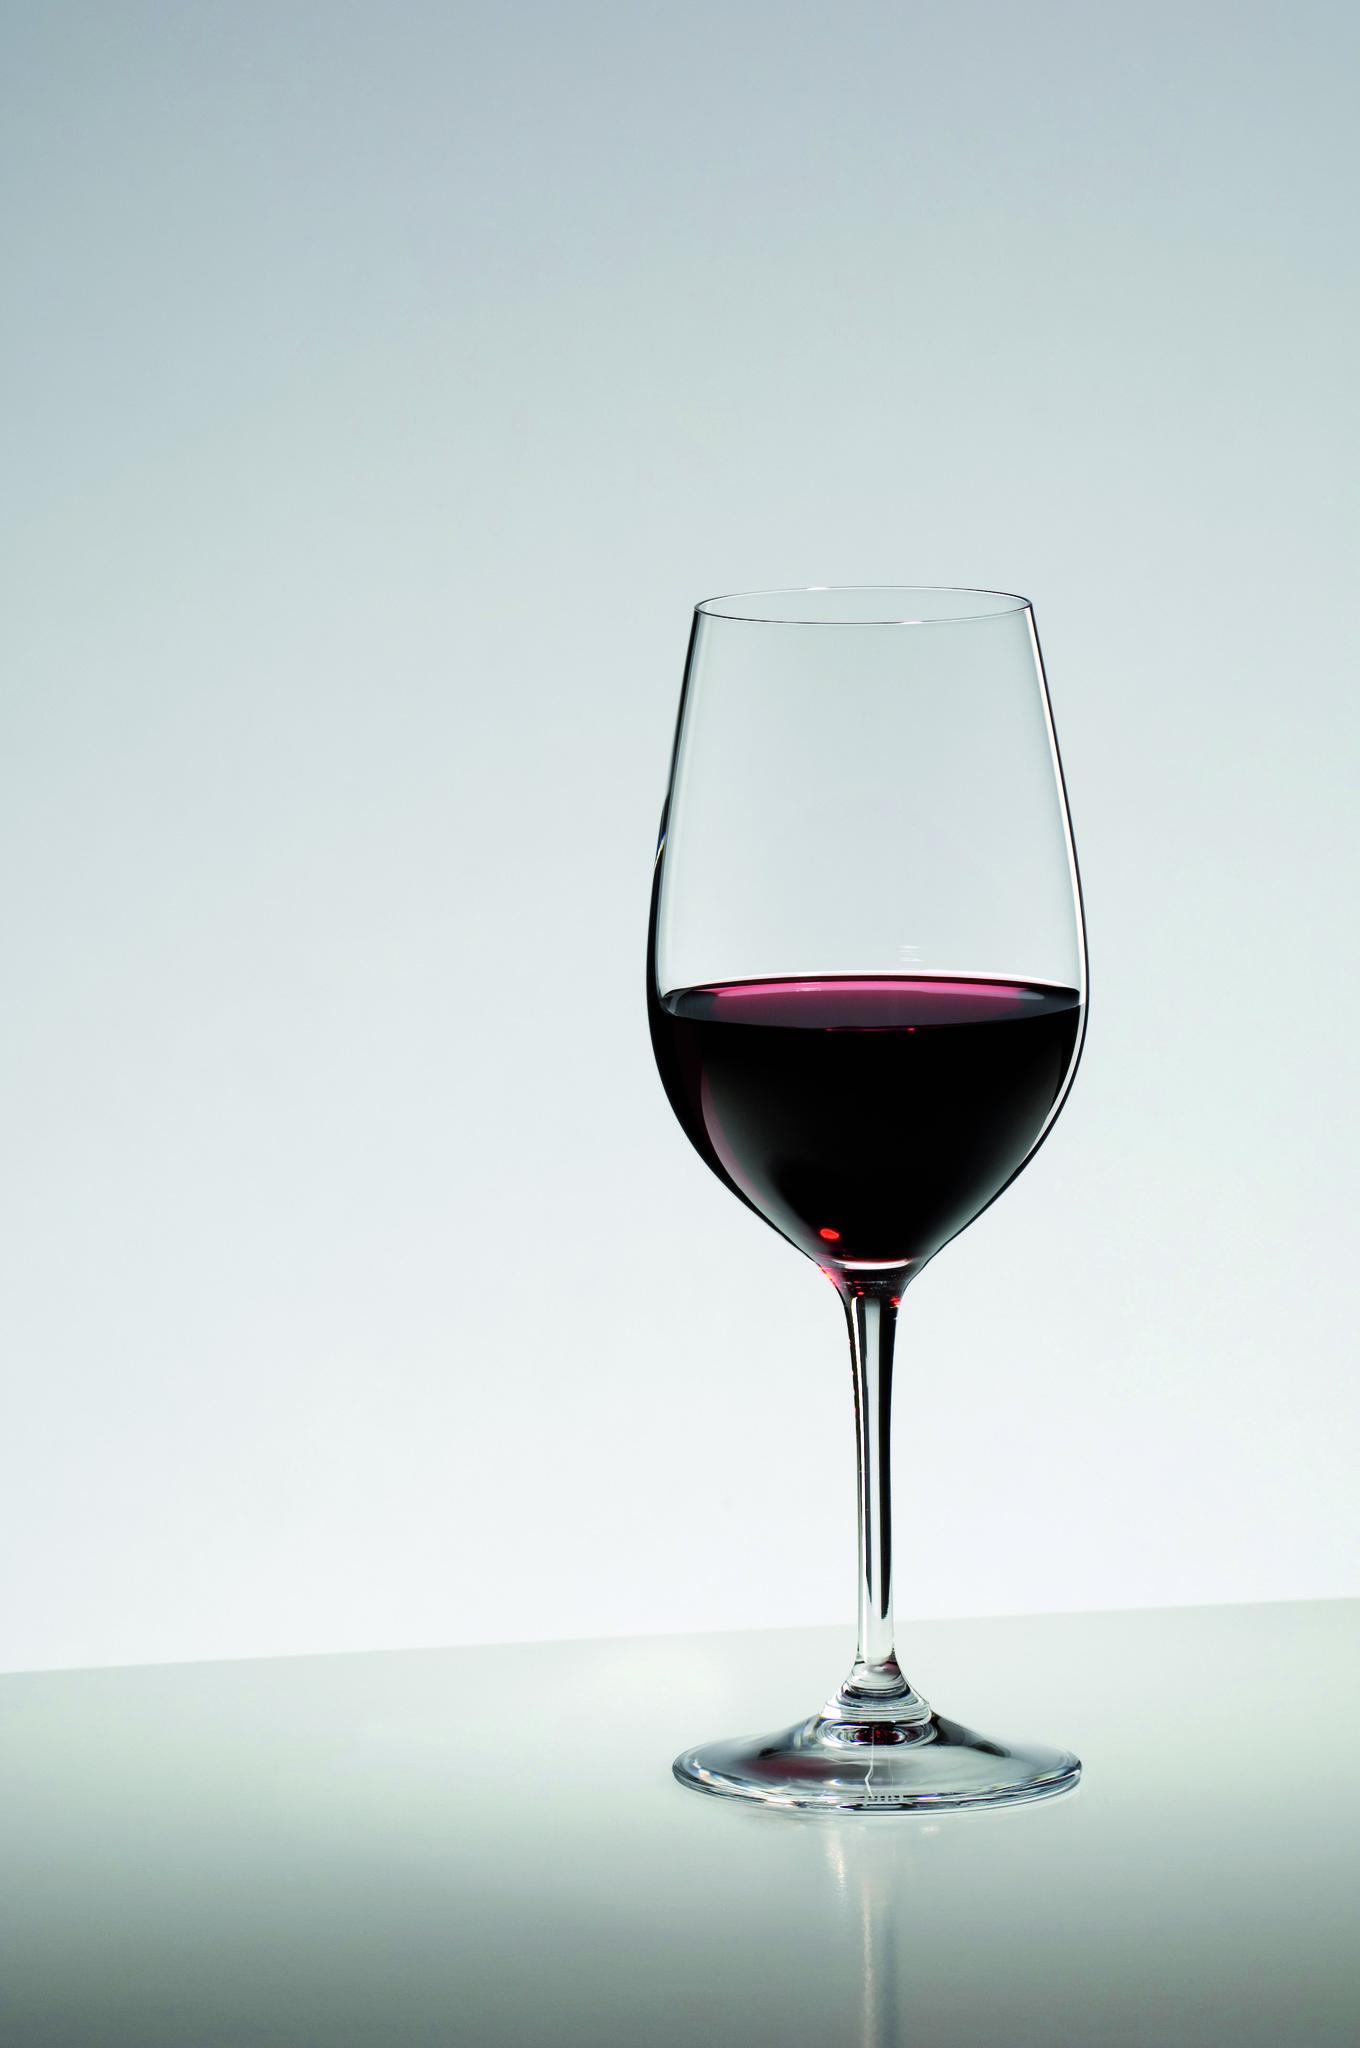 Бокалы Набор бокалов для вина 2шт 400мл Riedel Vinum Zifrandel/Chianti/Riesling Grand Cru nabor-bokalov-dlya-vina-2-sht-400-ml-riedel-vinum-zifrandelchiantiriesling-grand-cru-avstriya.jpg